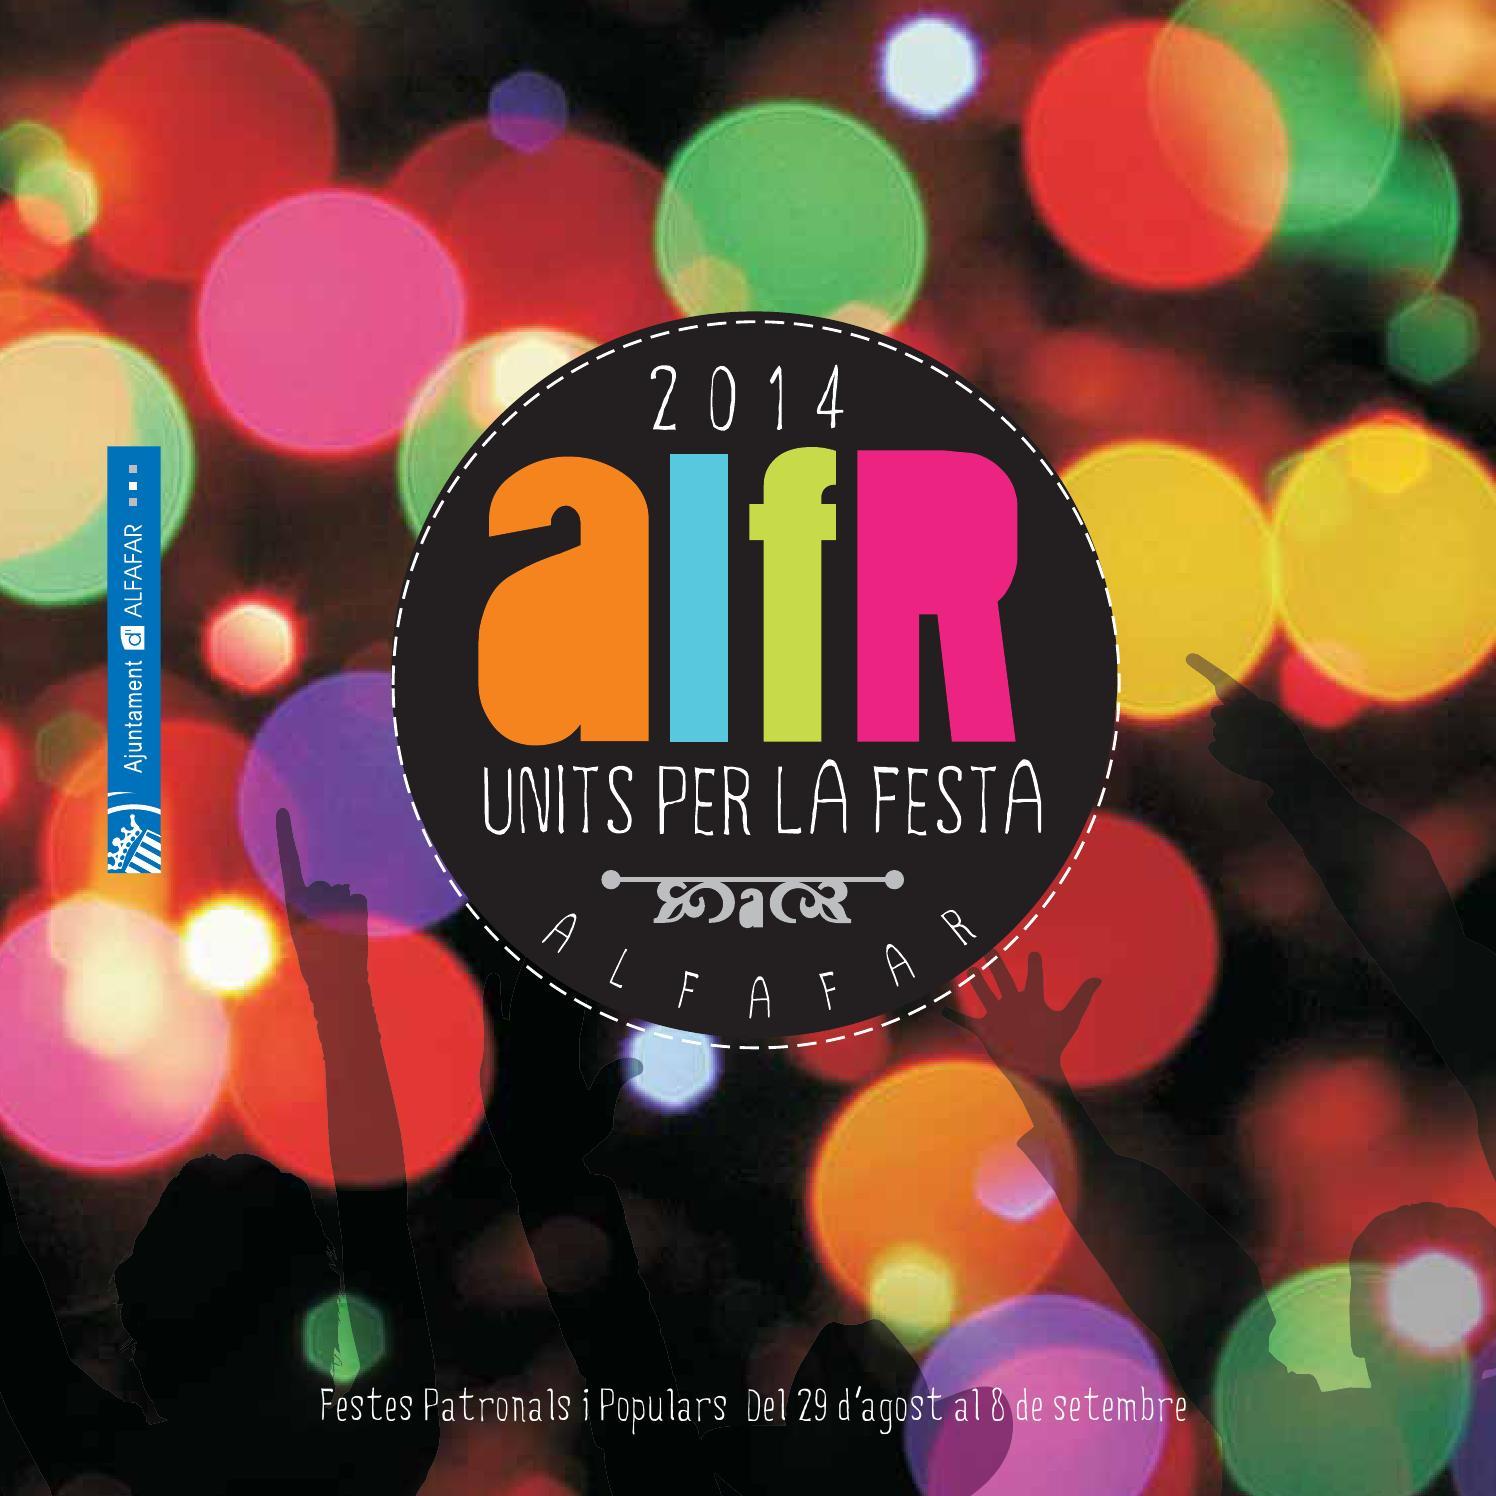 Fiestas Patronales Y Populares Alfafar 2014 By Ajuntament Alfafar  # Muebles Fomento Sedavi